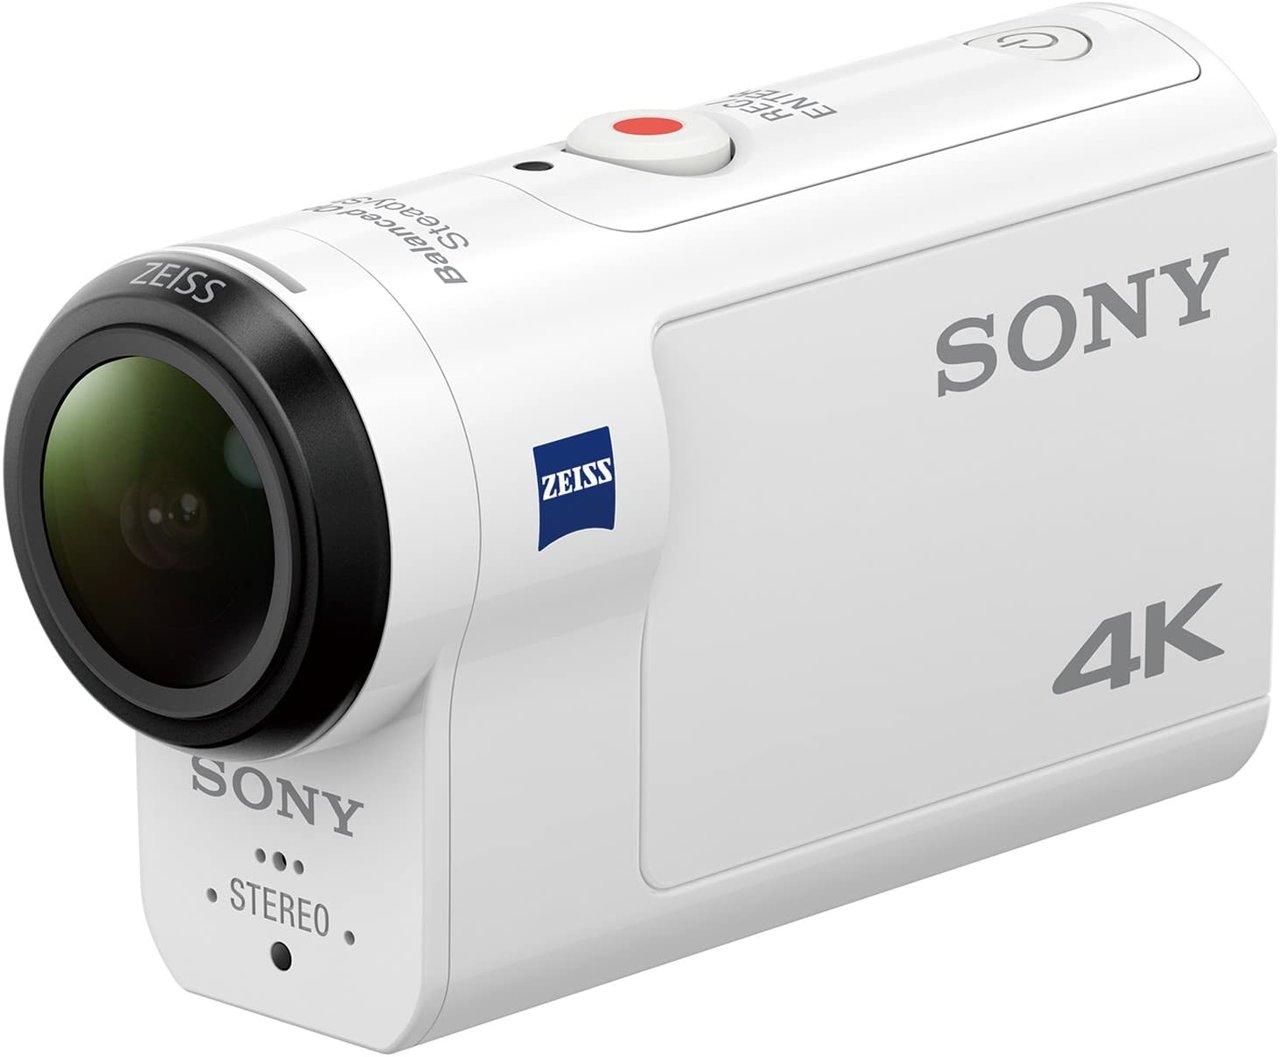 Sony FDR-X3000 4K高畫質運動攝影機